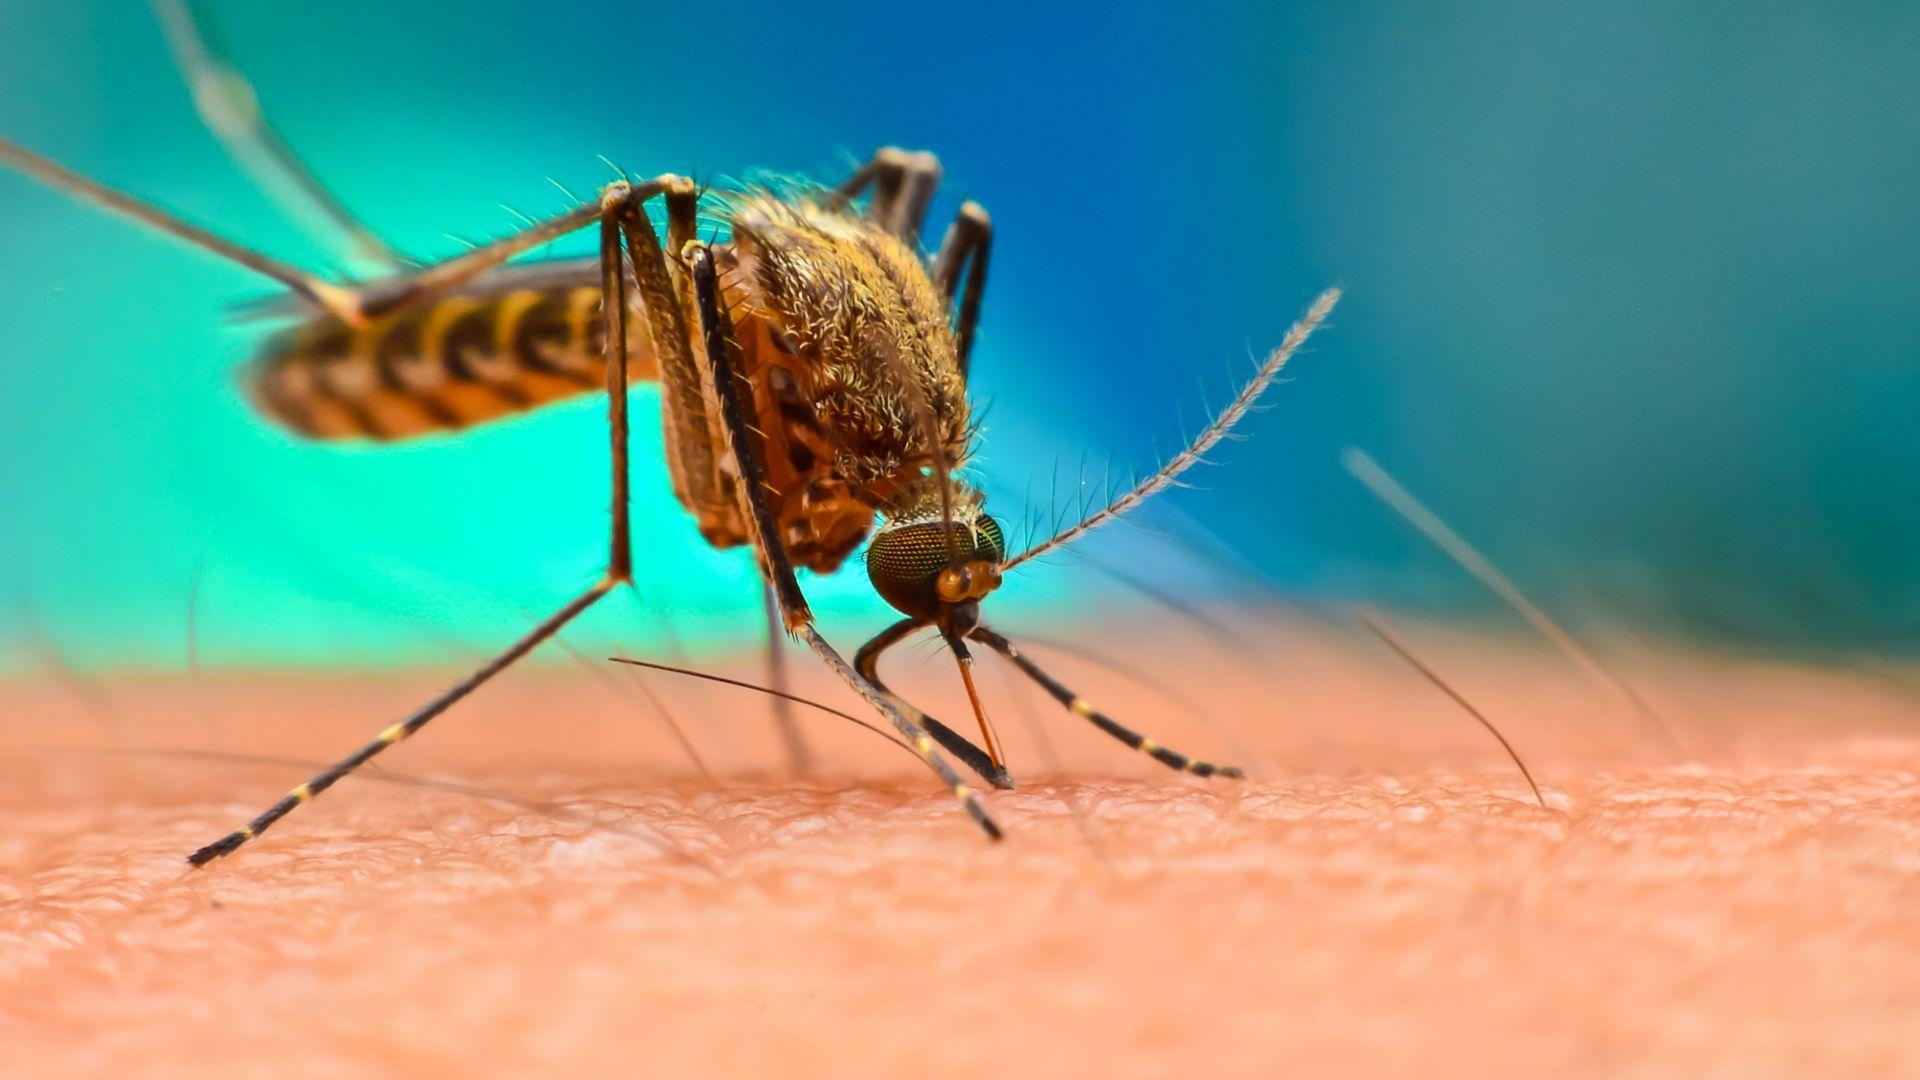 Google има план за елиминиране на комарите в световен мащаб